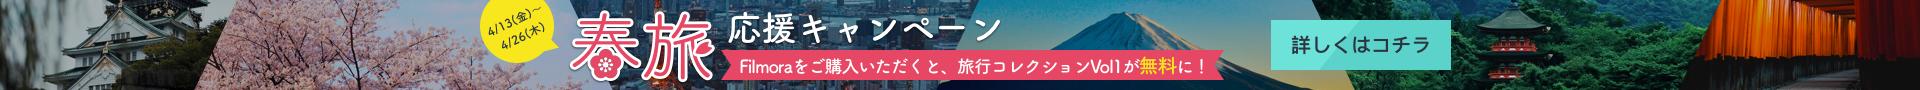 春旅応援キャンペーン